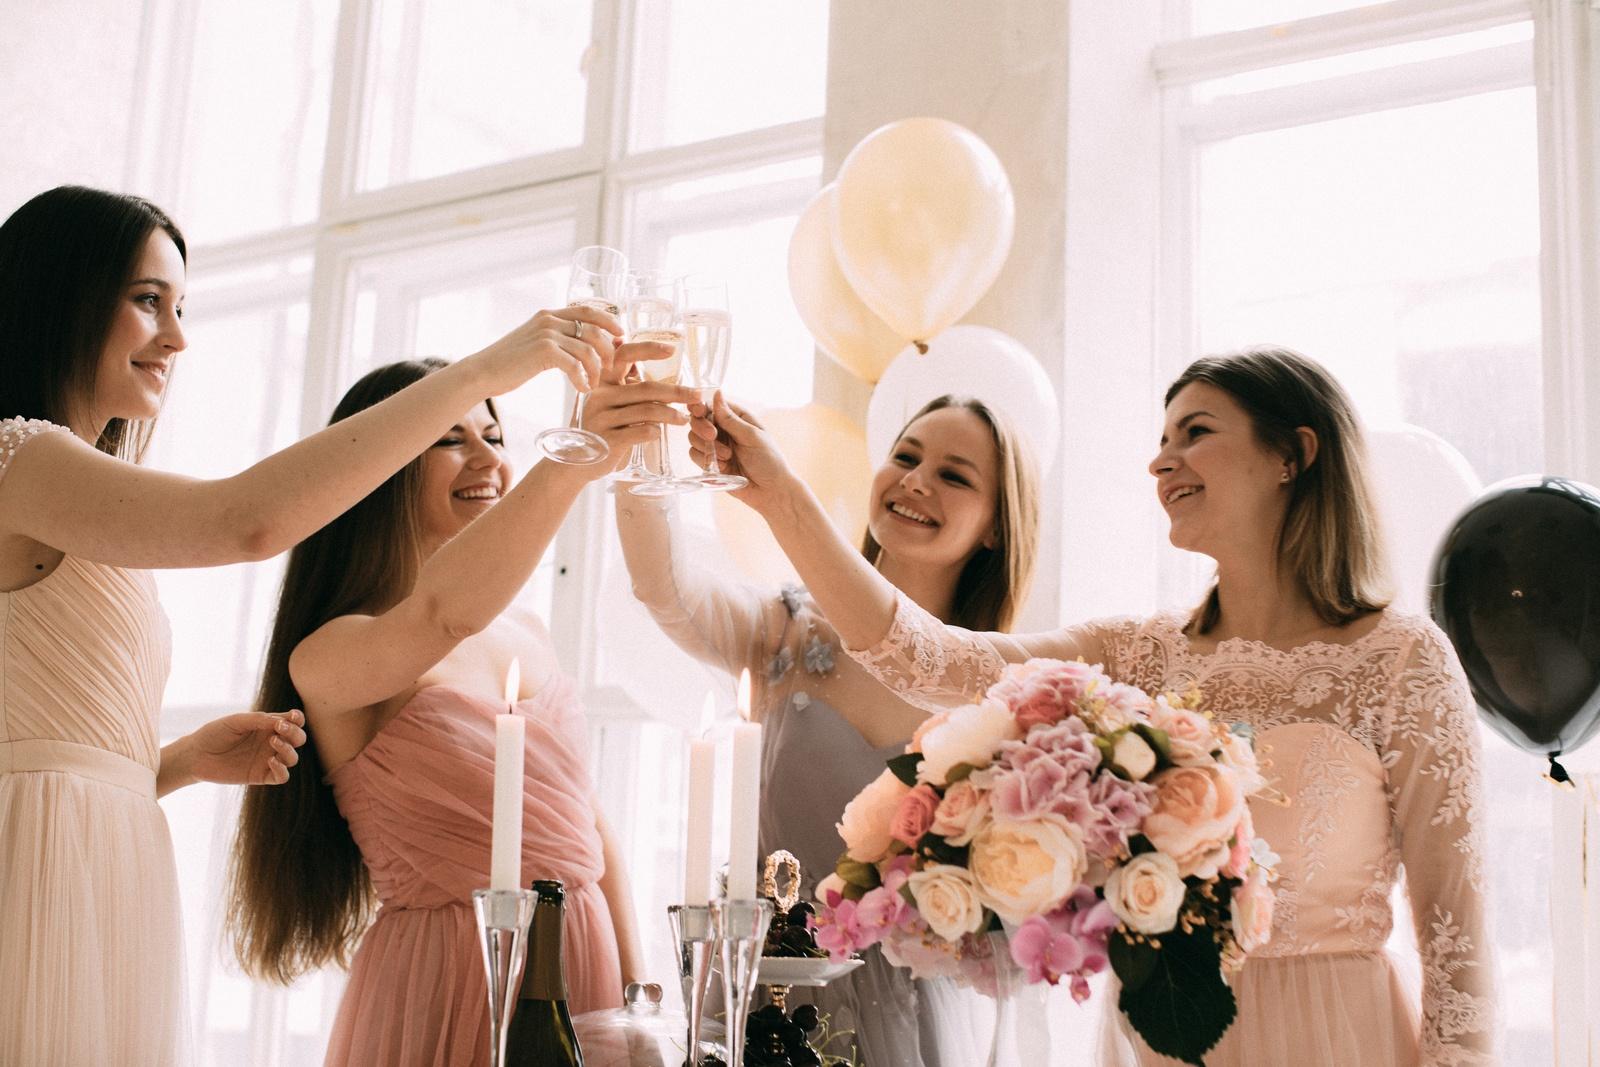 Доступный стиль: как не потратить на свадебный декор миллионы